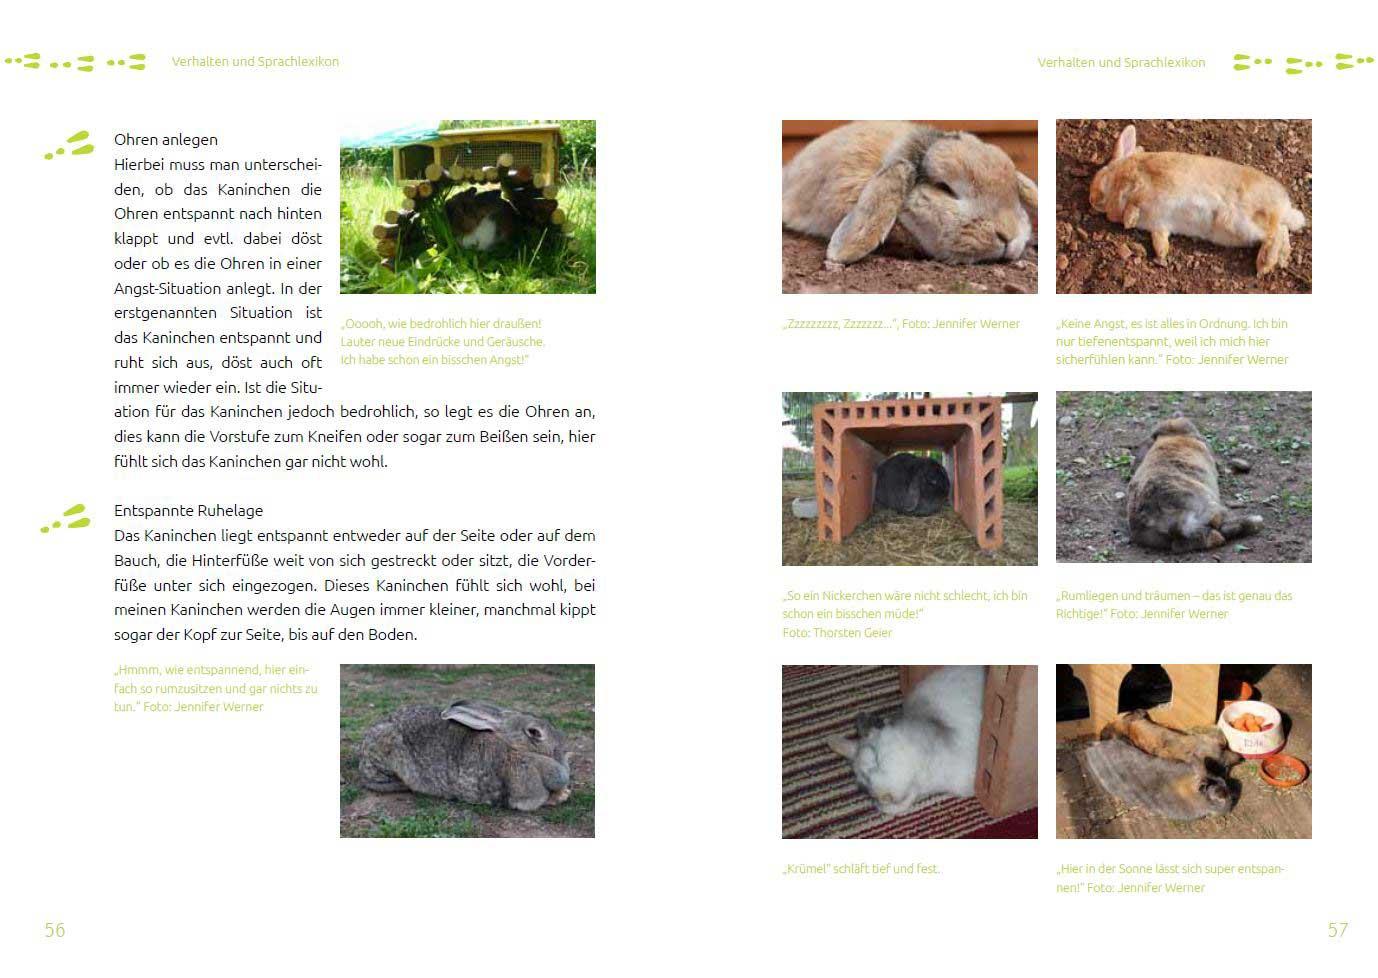 Leseprobe 4 Das Tierschutz-Kaninchenbuch